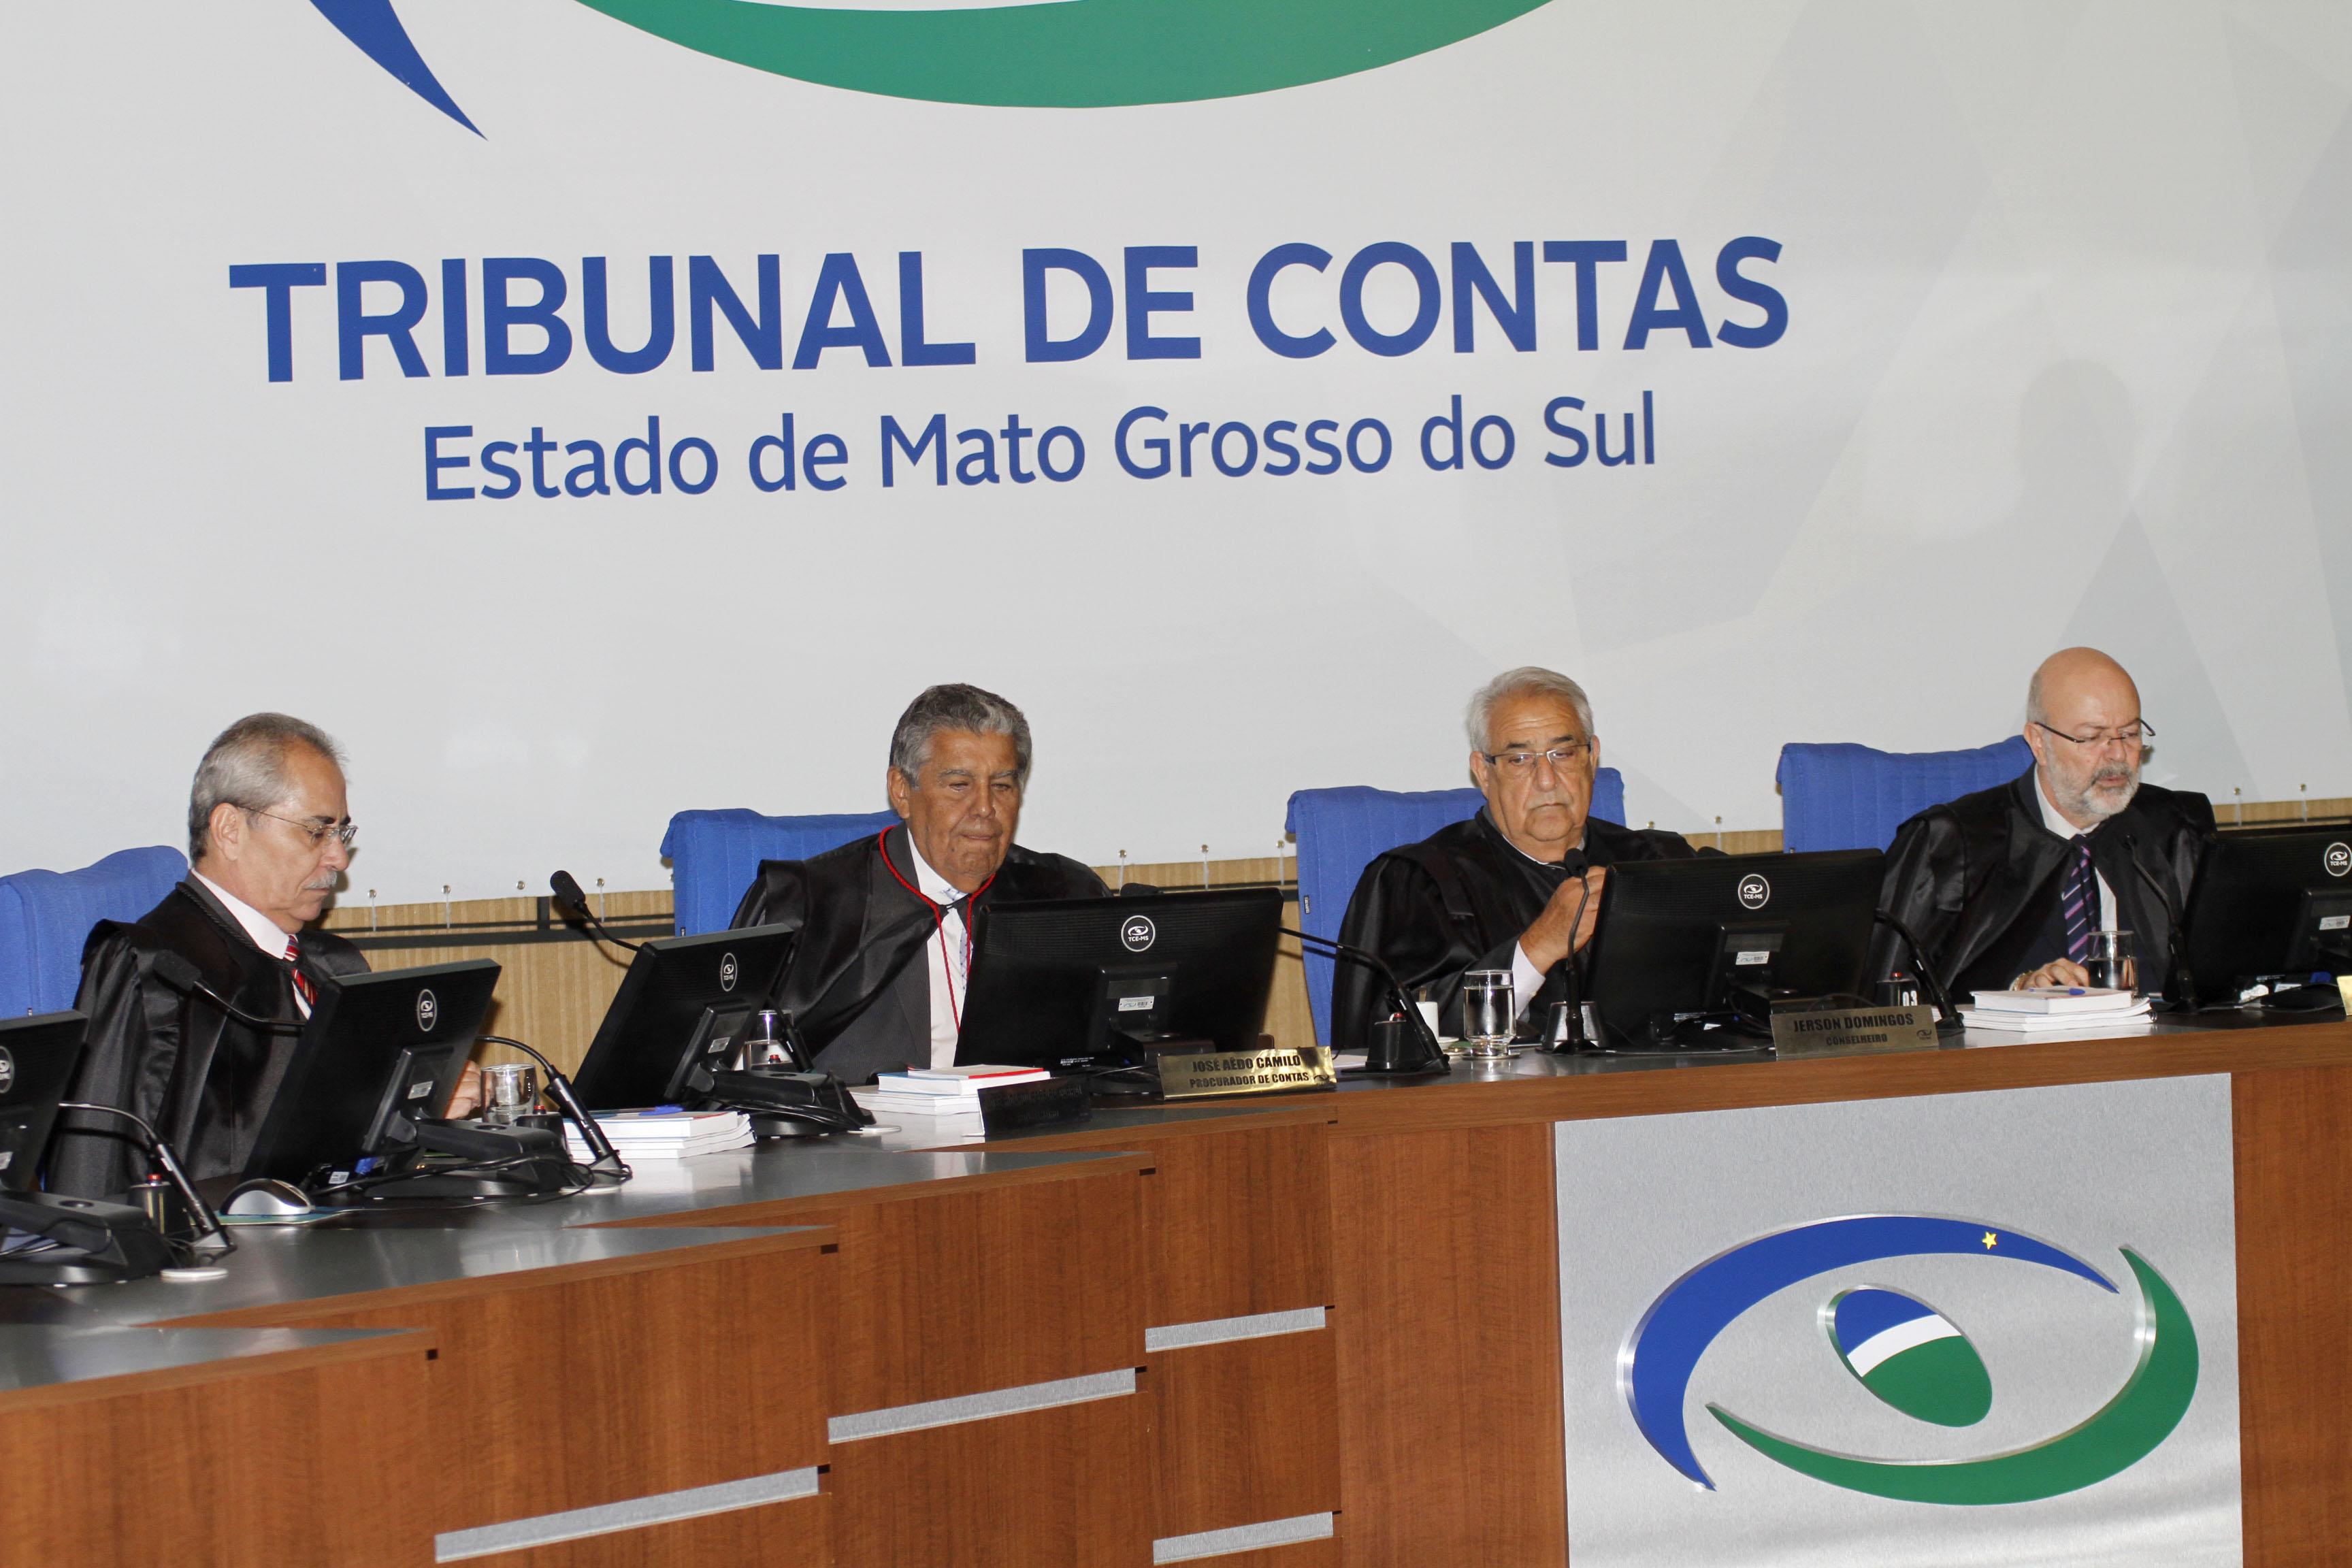 Execução financeira de contrato apresentou irregularidades e procurador recomenda devolução de R$ 8 mil